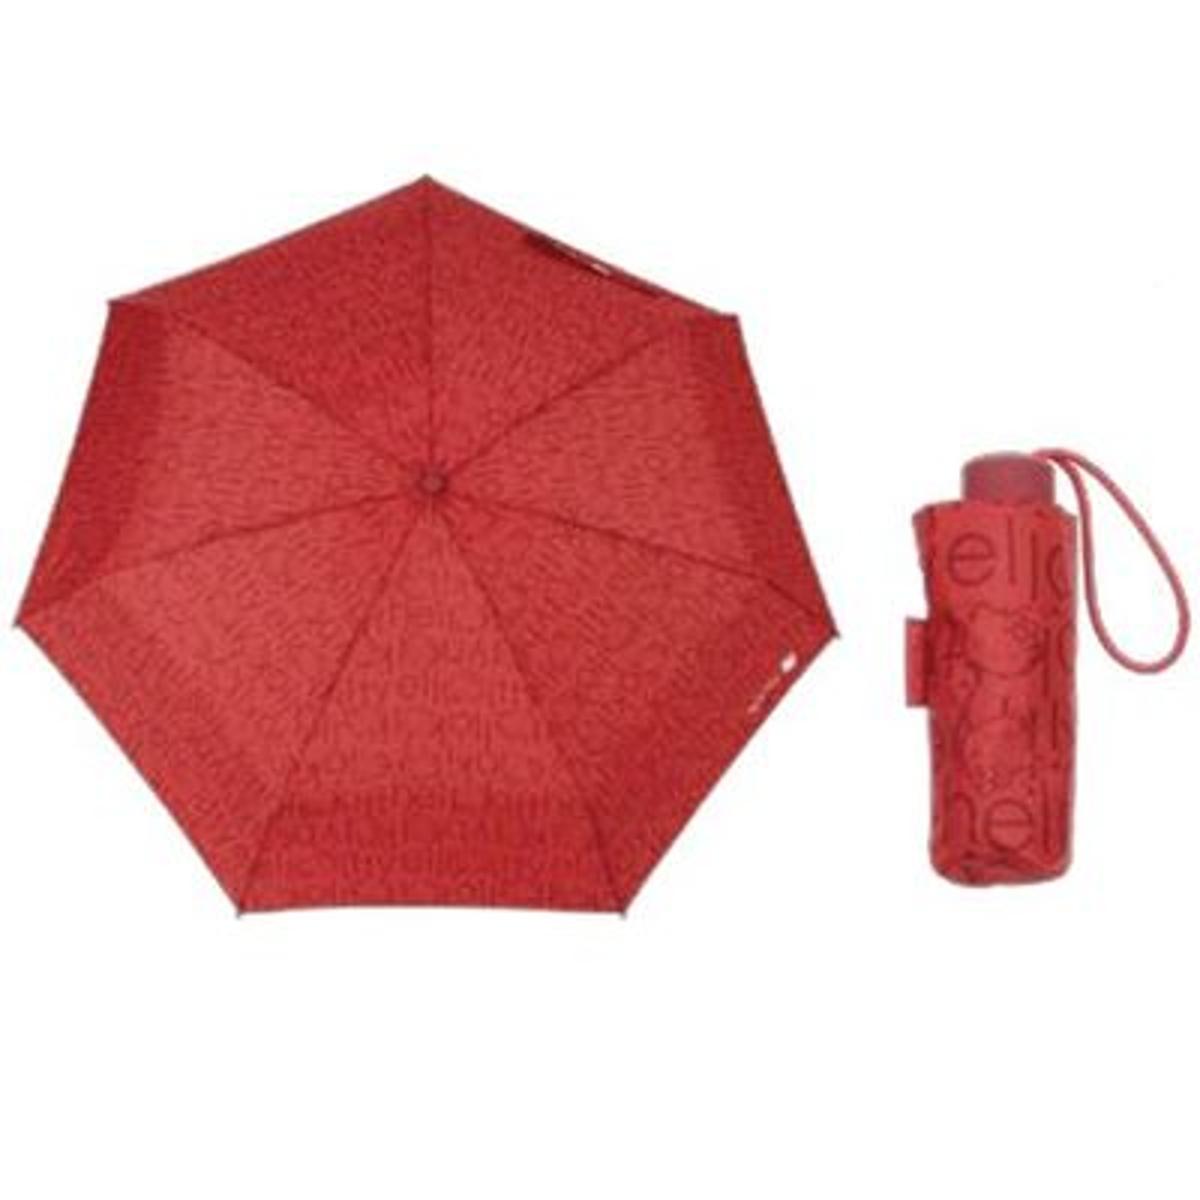 Parapluie Hello Kitty rouge rétractable